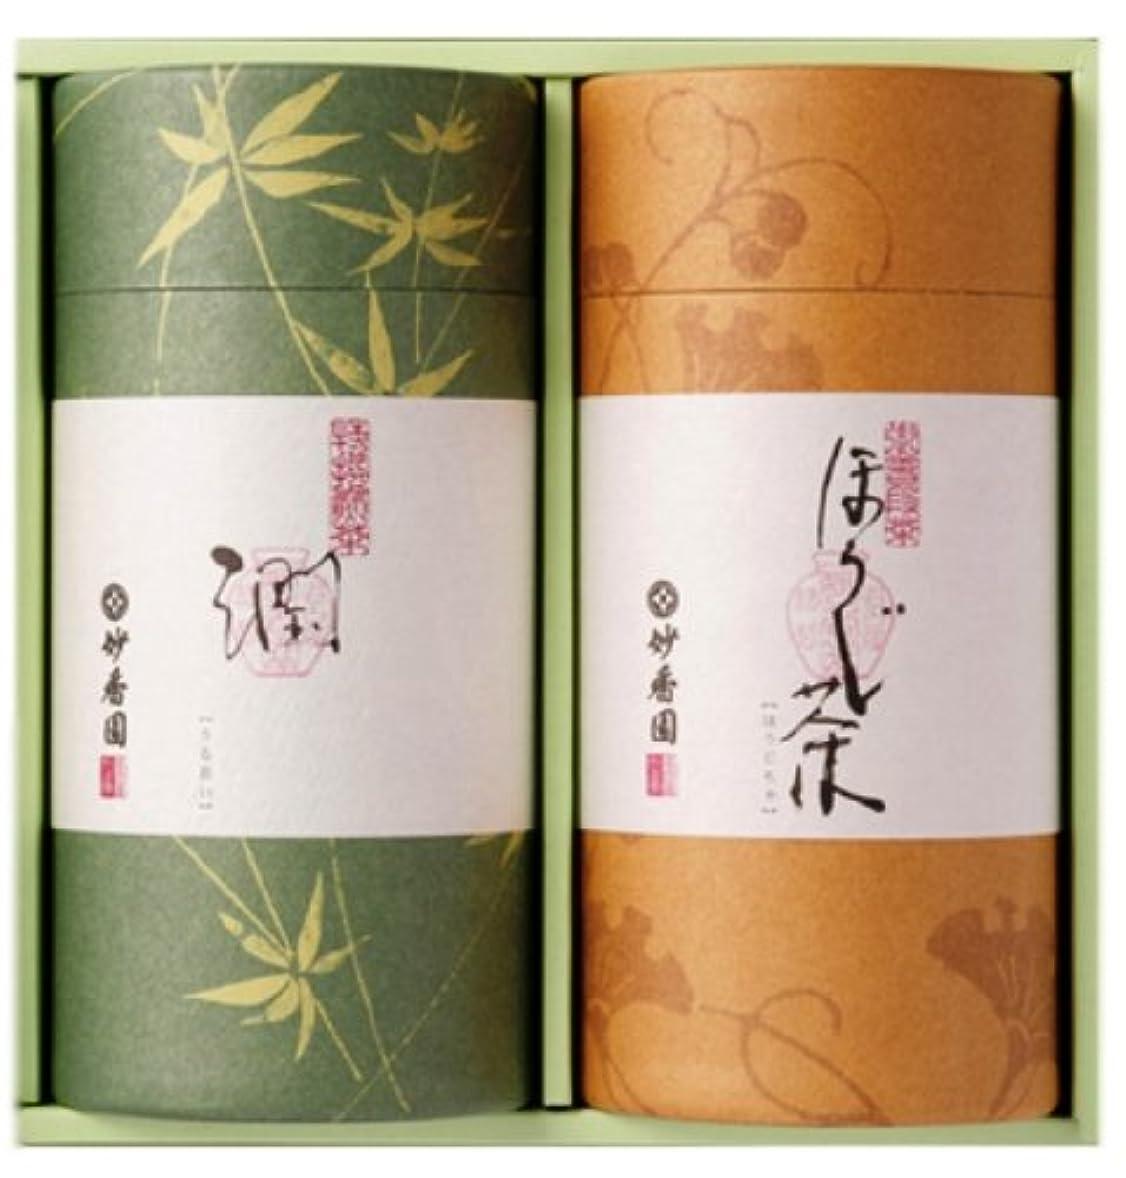 任意追い出す作る妙香園 お茶ギフト No.012 2種入